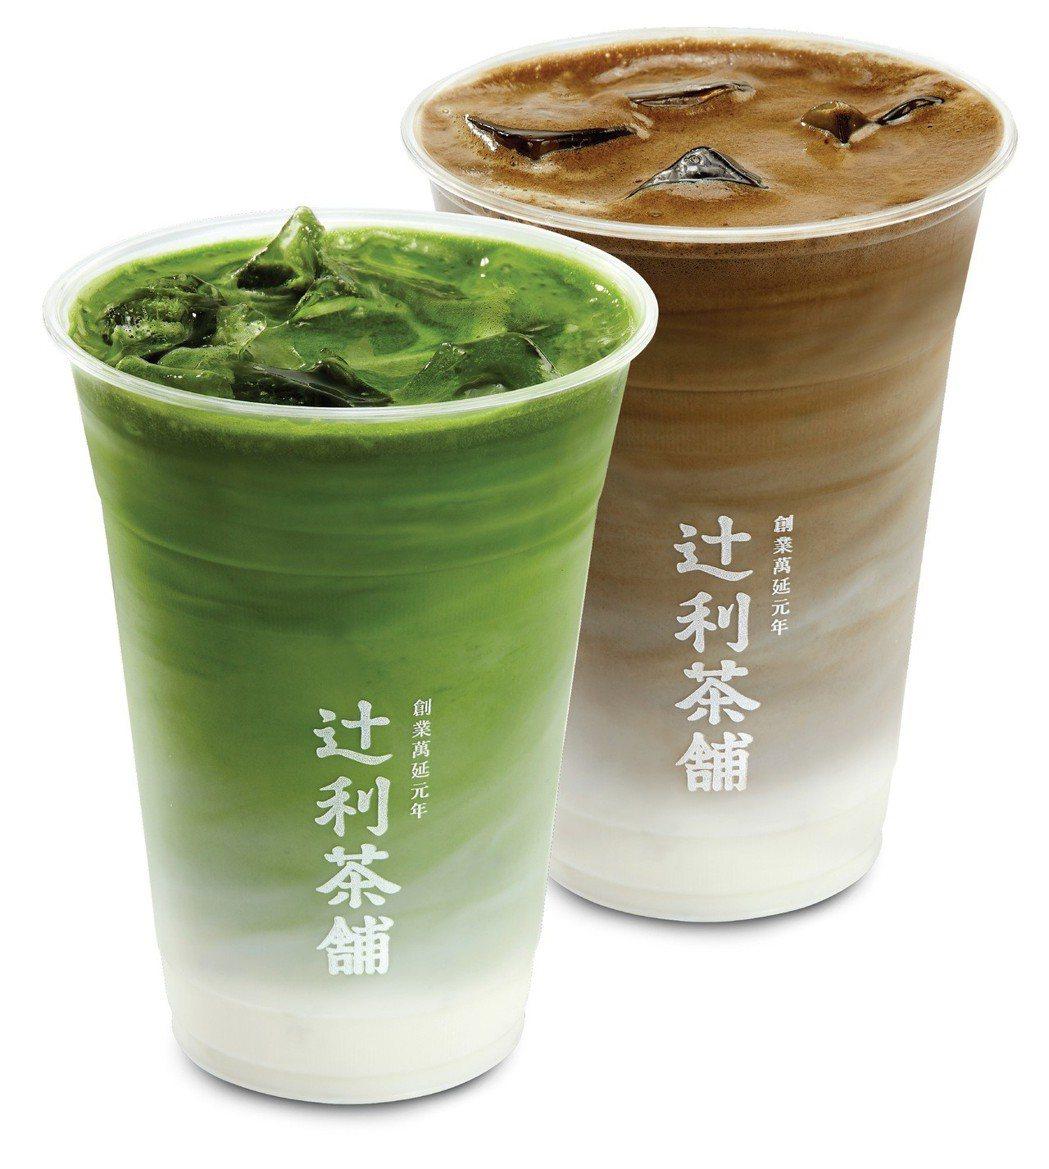 3月25買辻利拿鐵即贈京町焙茶拿鐵,原價280元、特價140元,限量。圖/辻利茶...